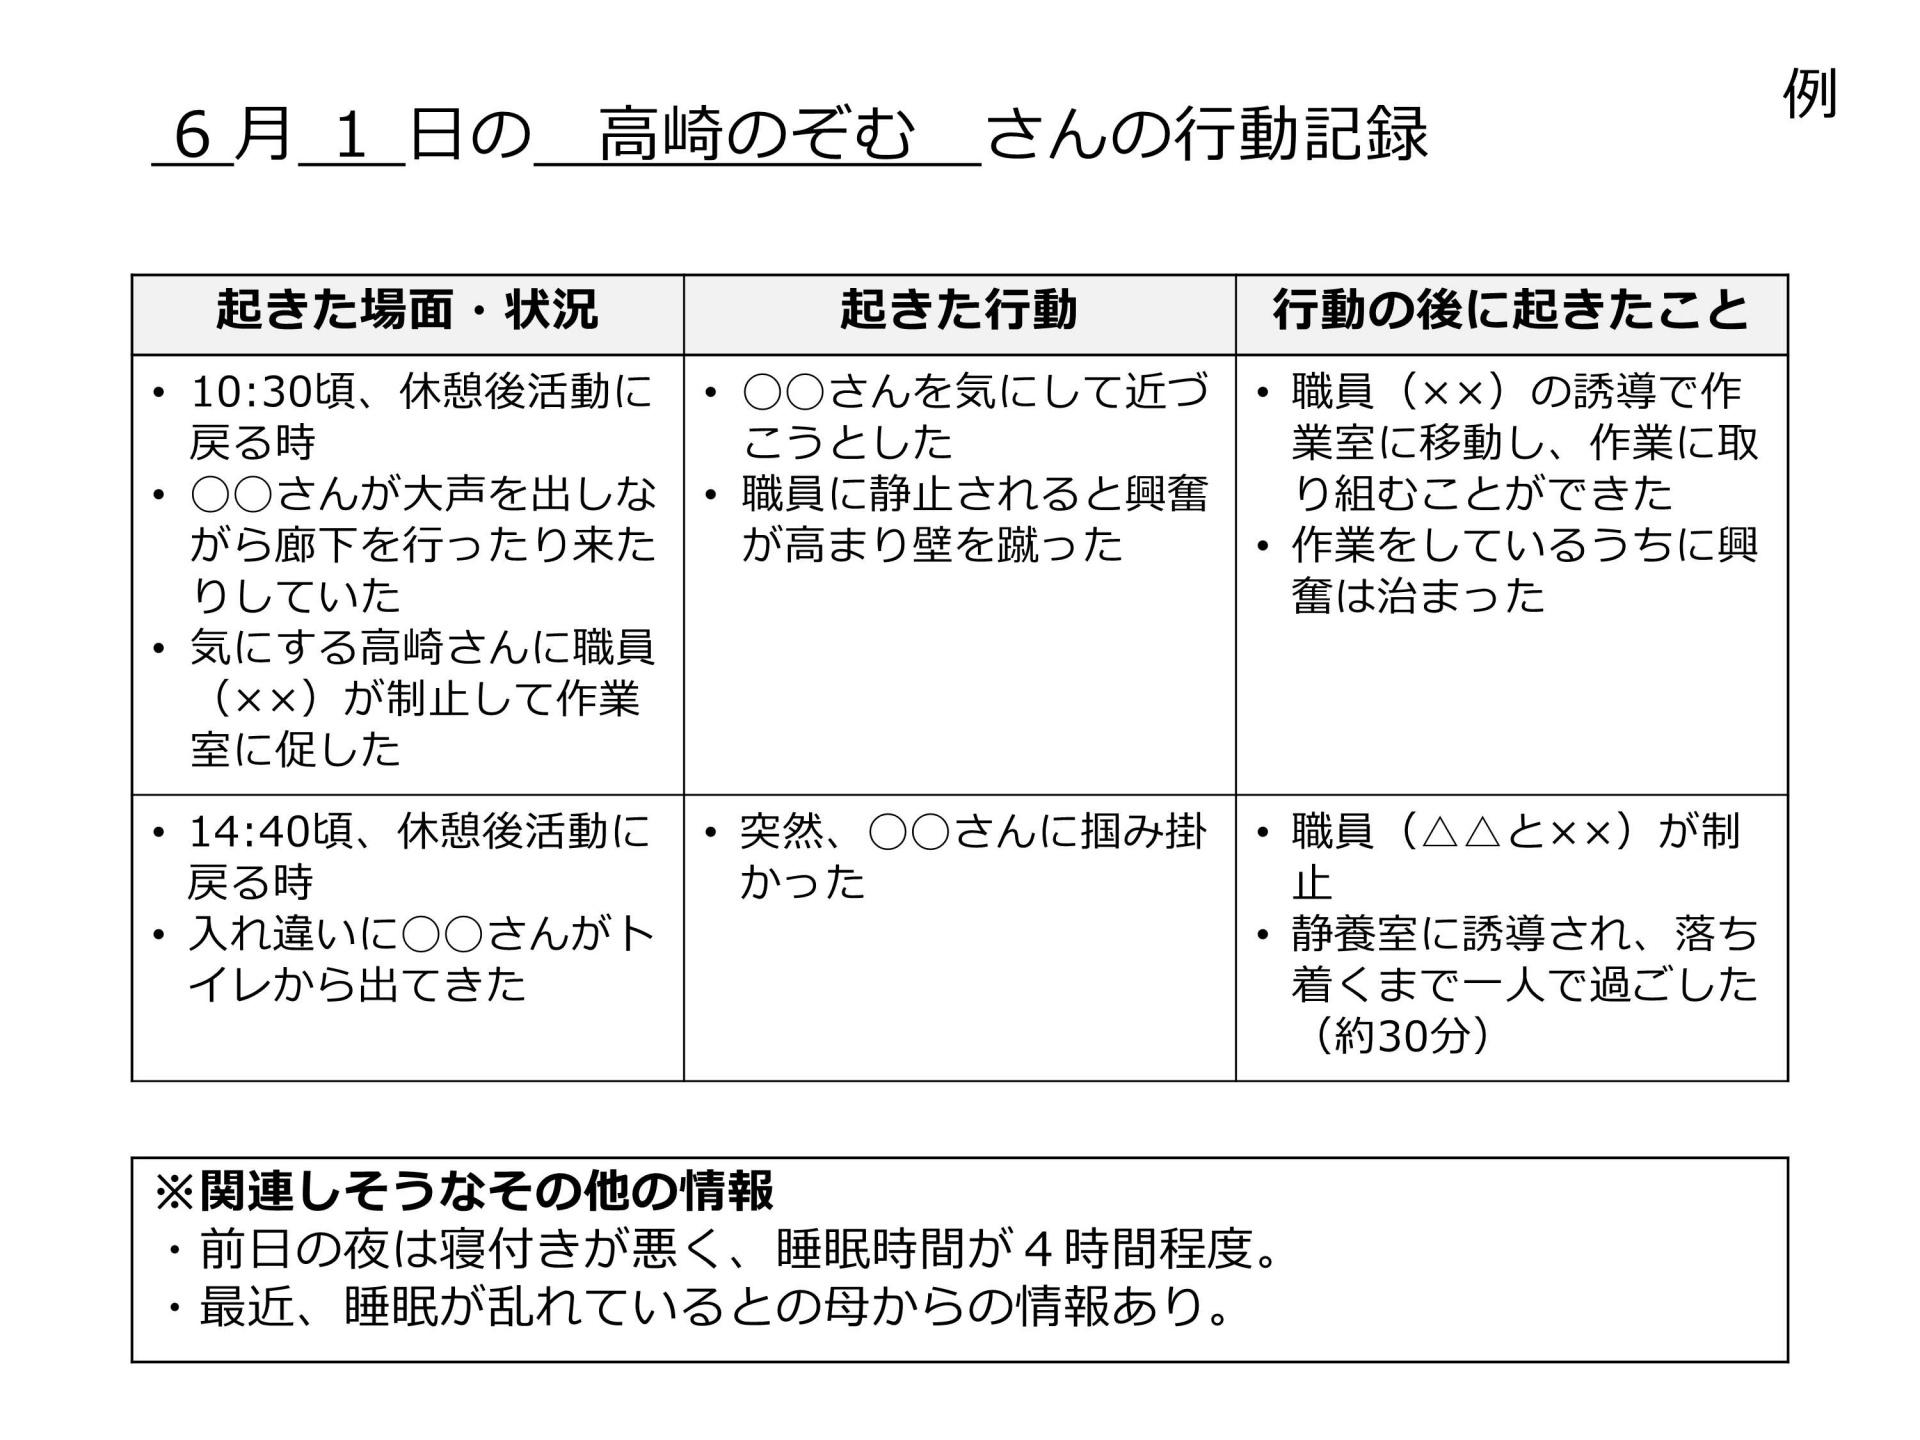 07-1記録に基づく支援の評価(表示用)・宮原/小野澤_3